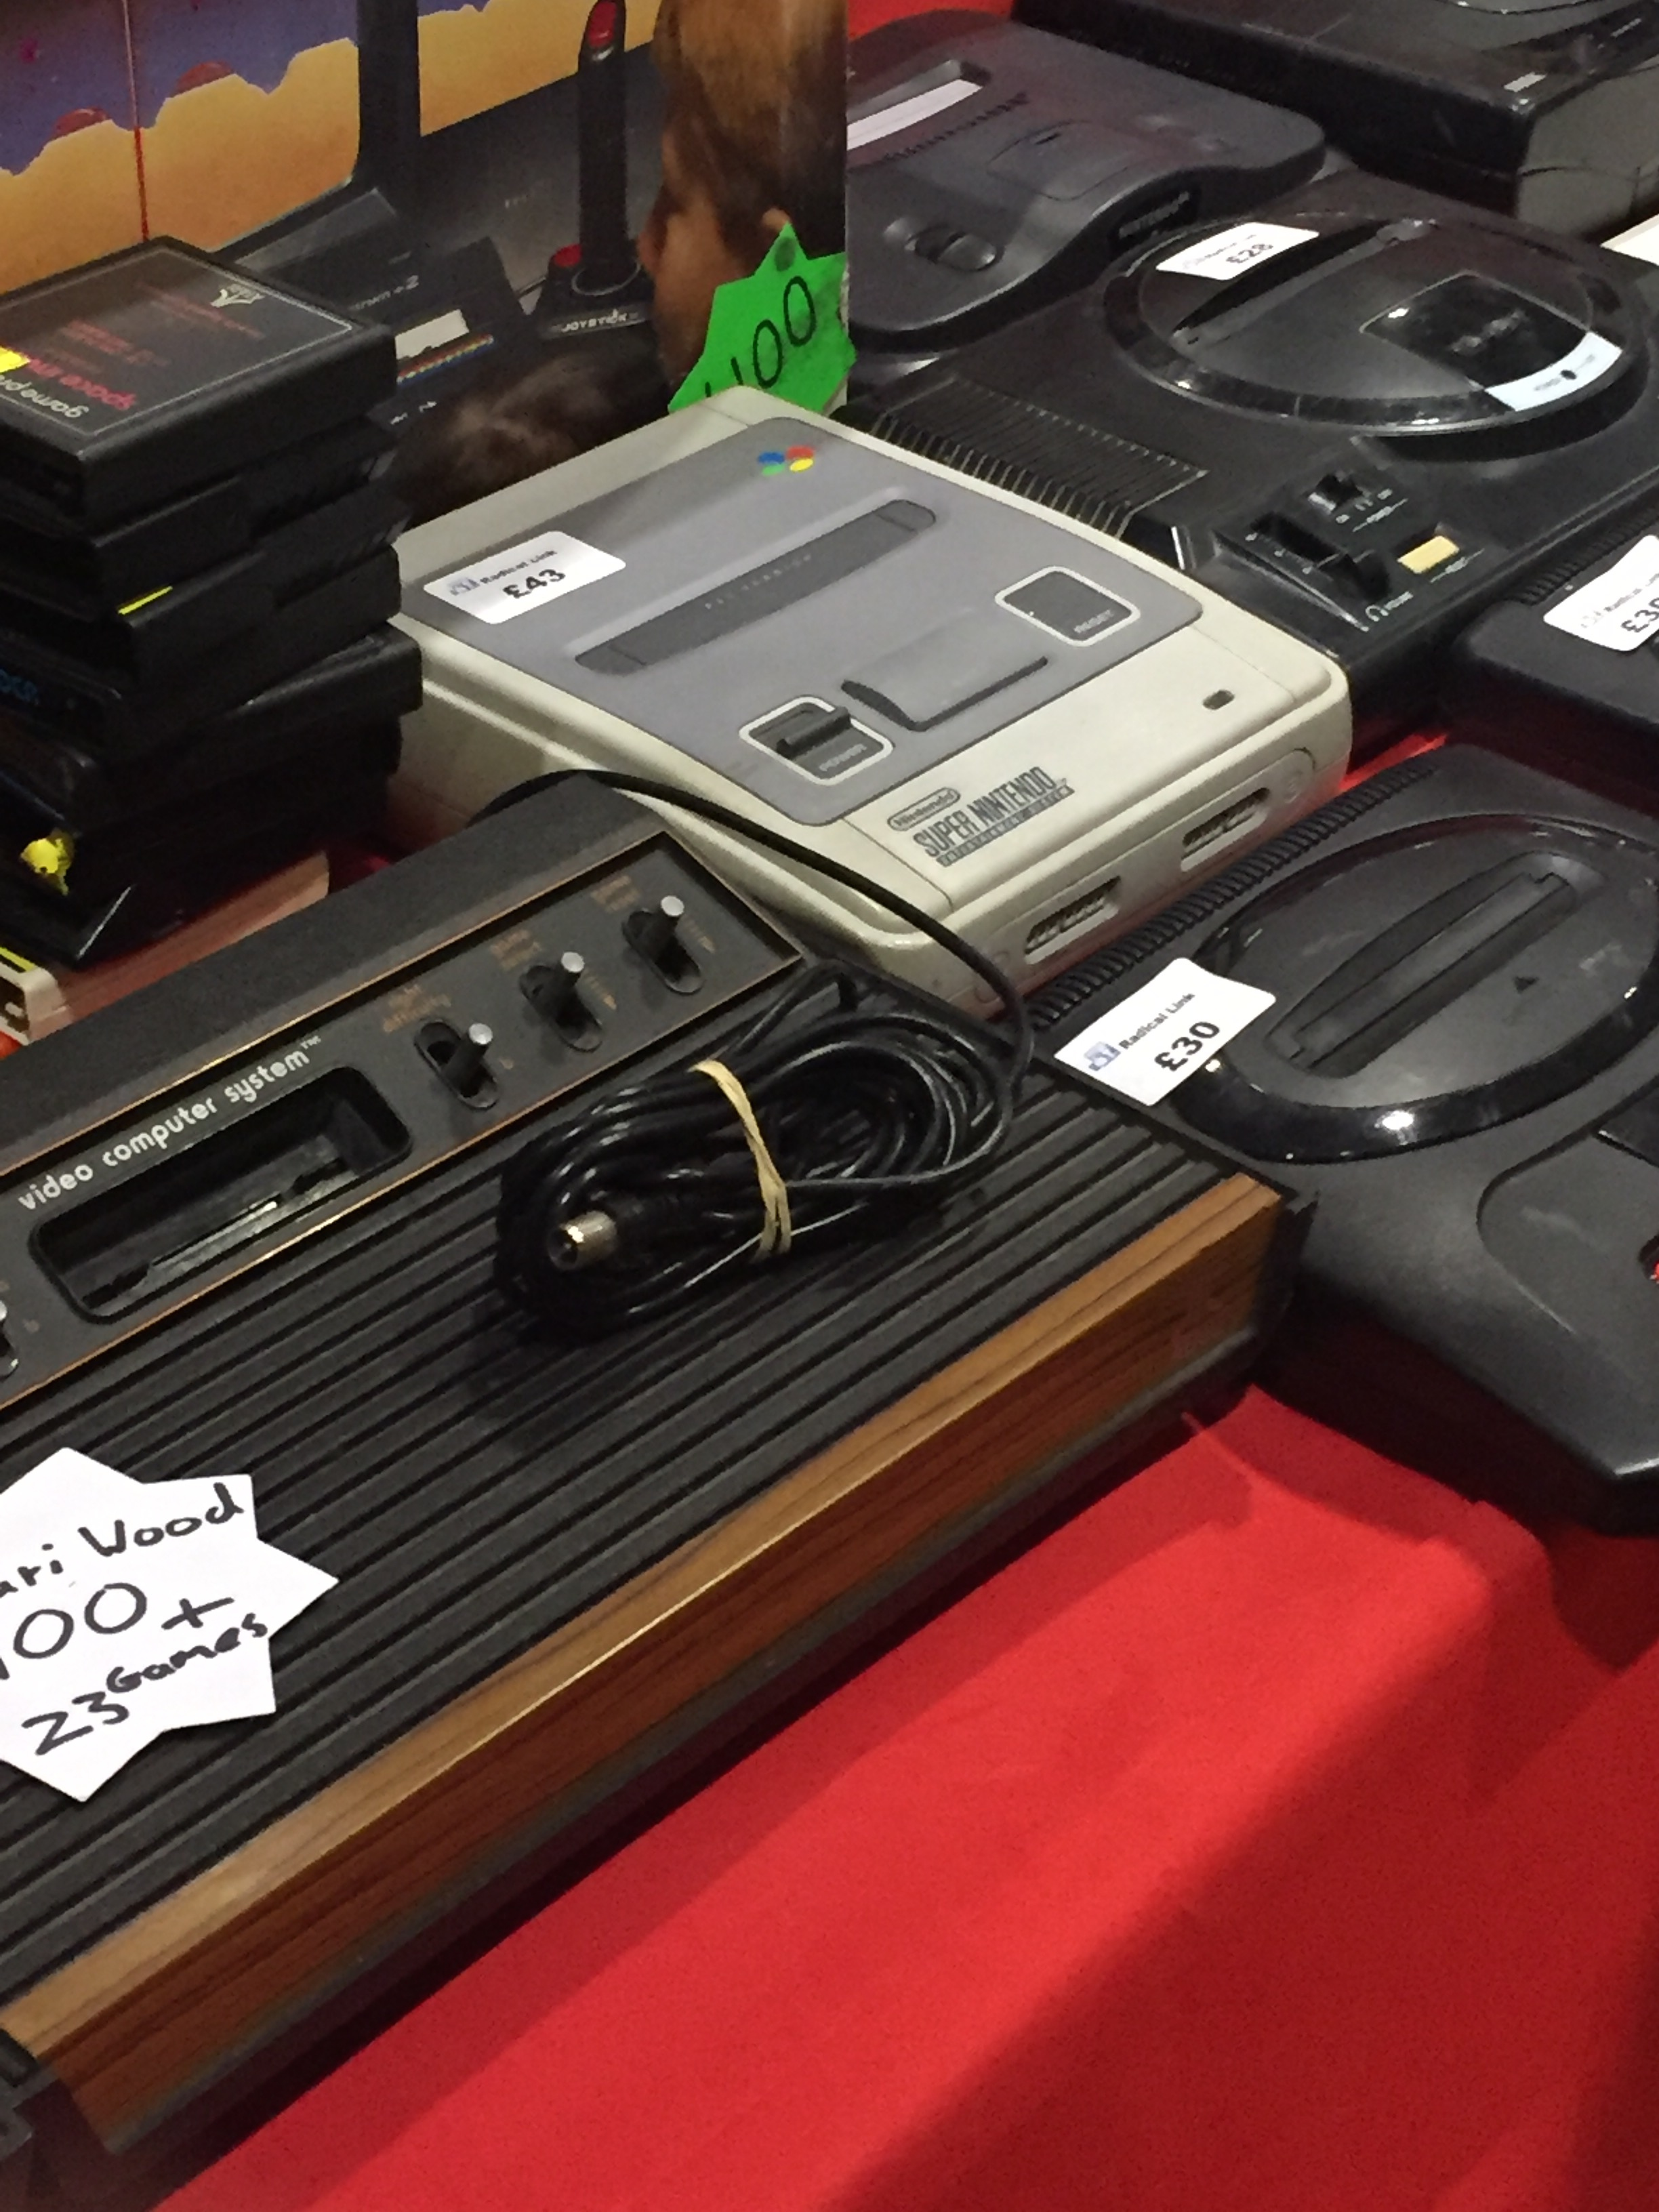 Retro game consoles